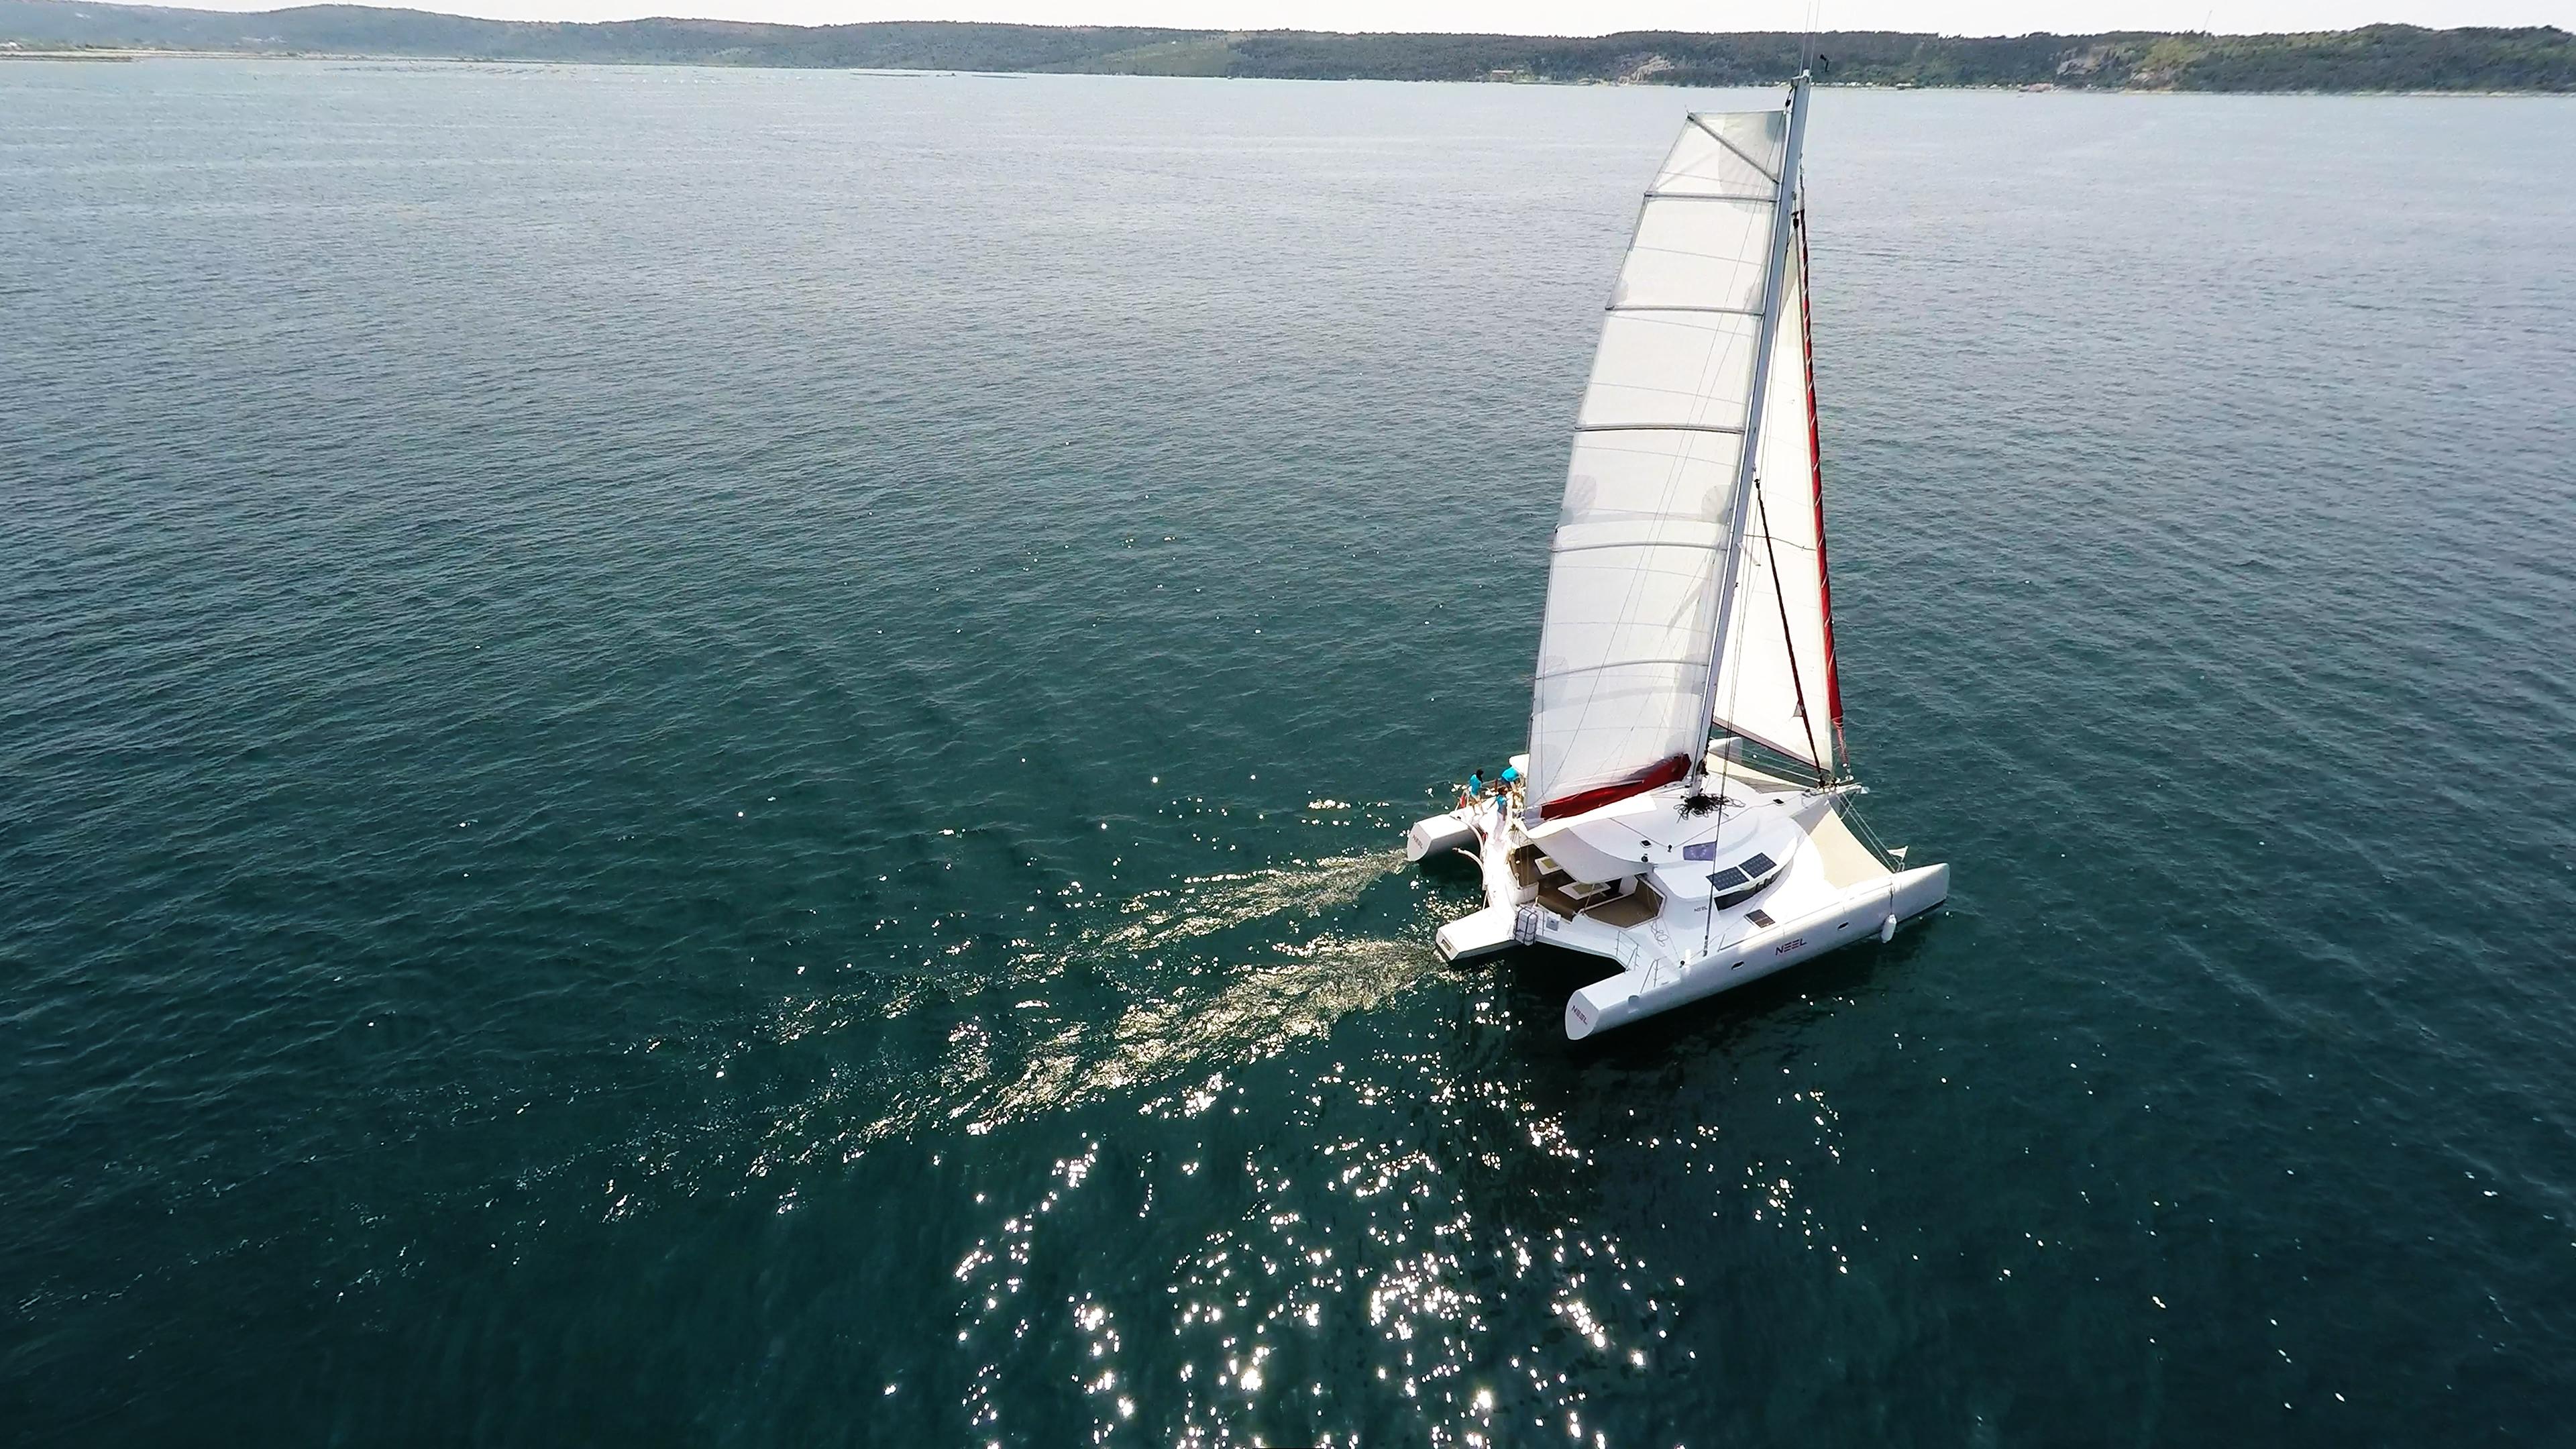 trimarano naviga a vela sole riflessa al mare